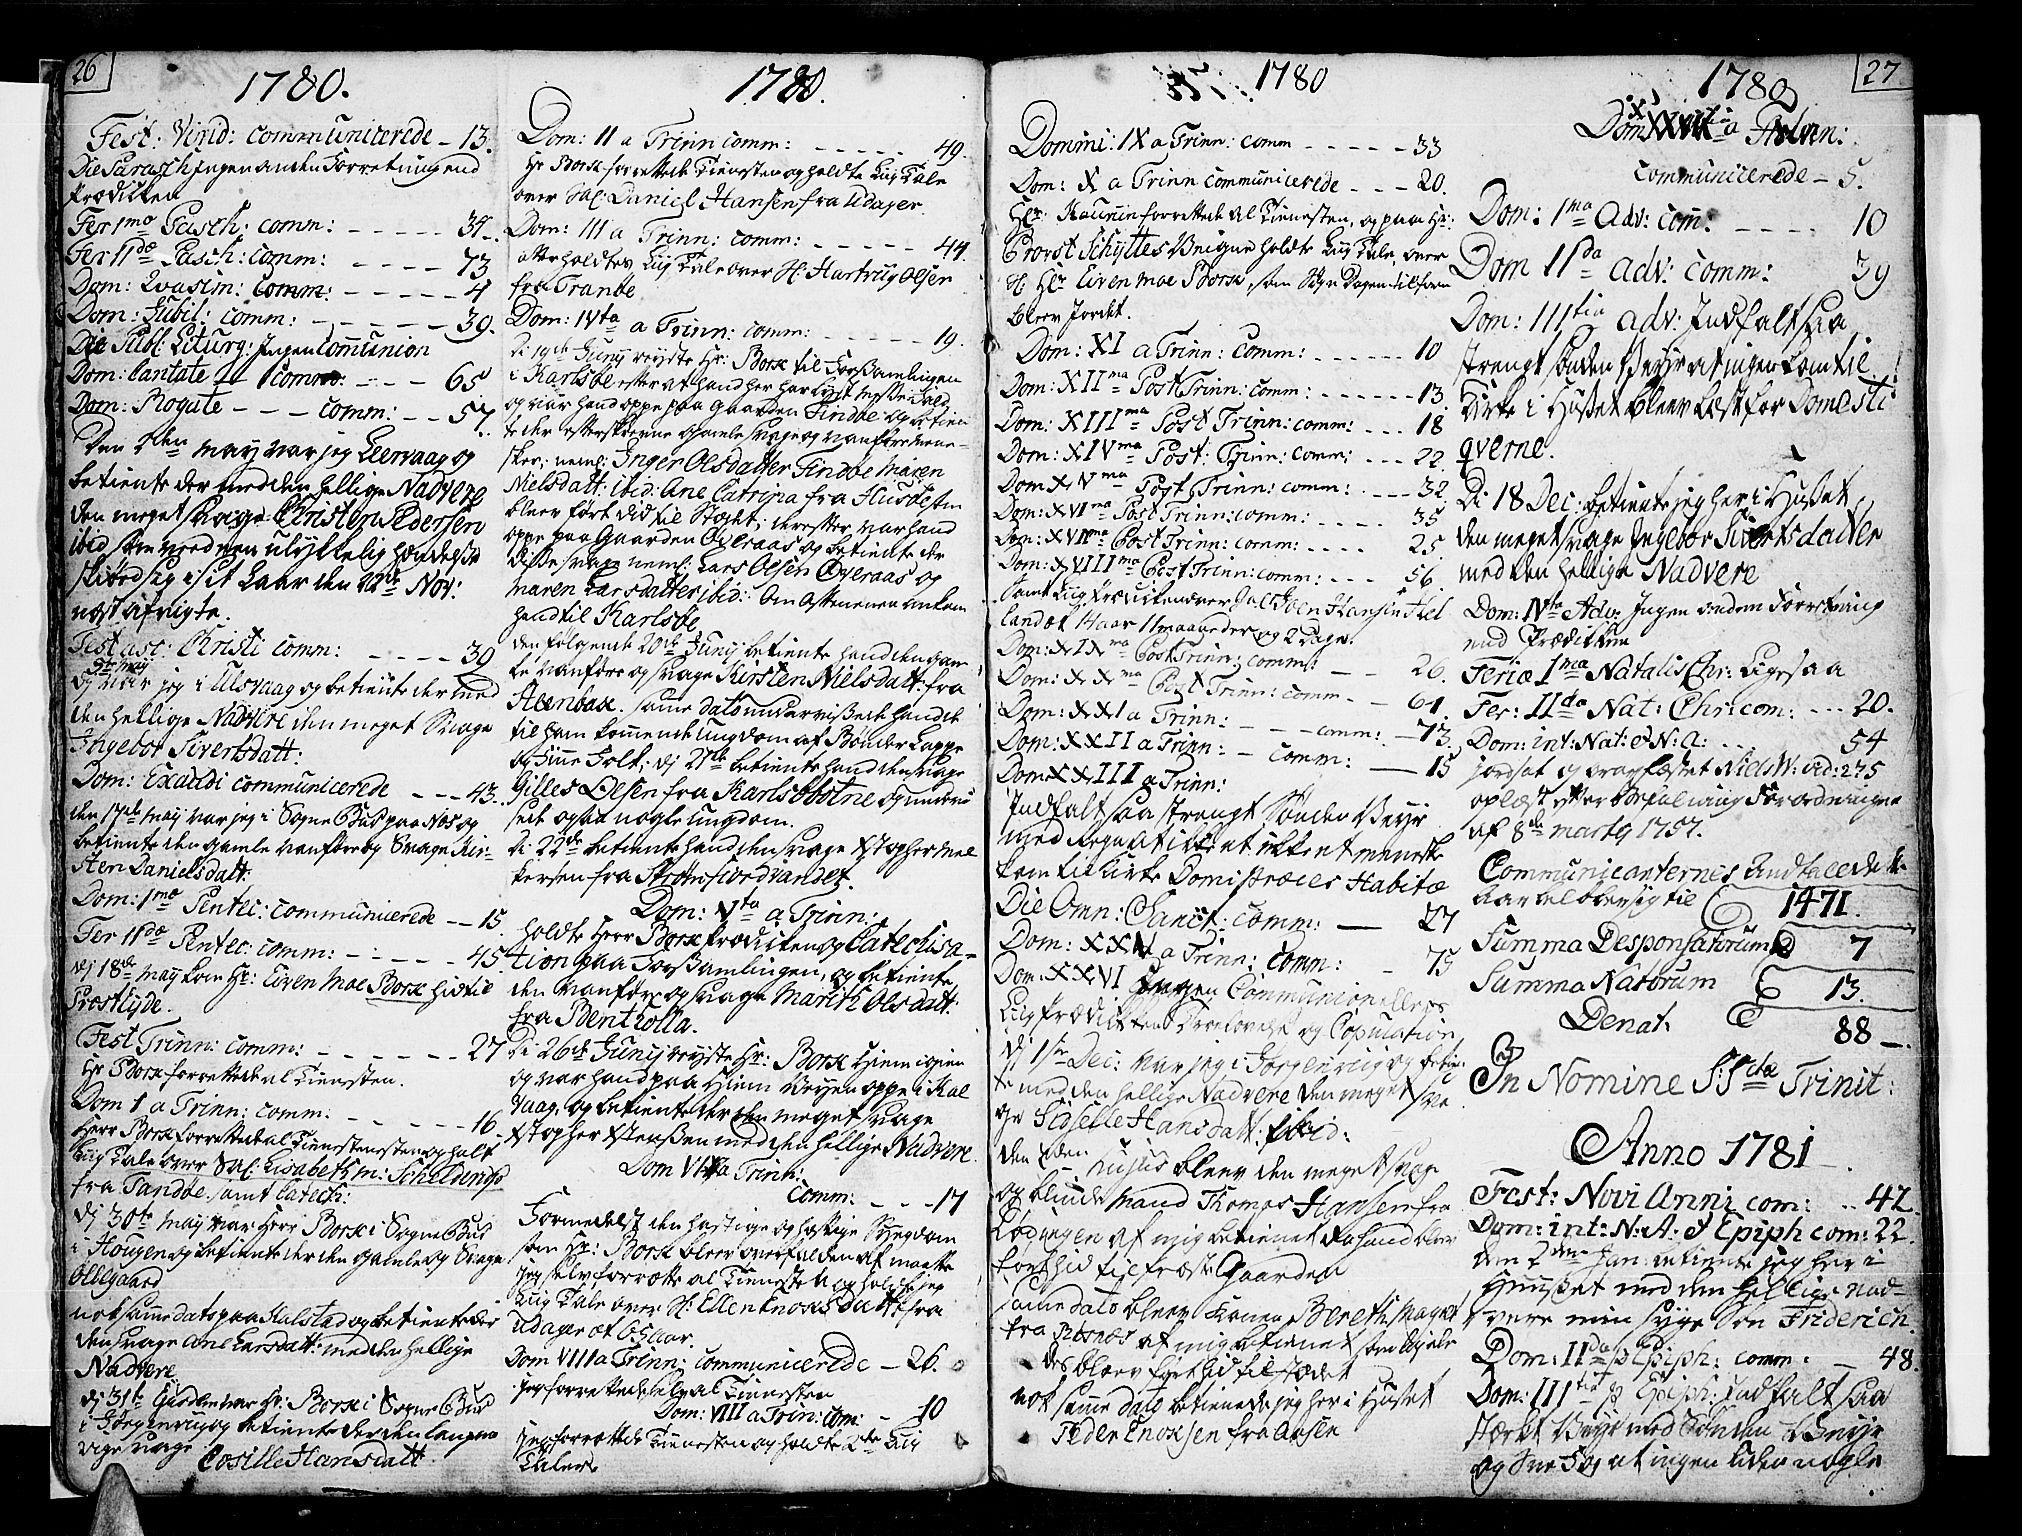 SAT, Ministerialprotokoller, klokkerbøker og fødselsregistre - Nordland, 859/L0841: Parish register (official) no. 859A01, 1766-1821, p. 26-27